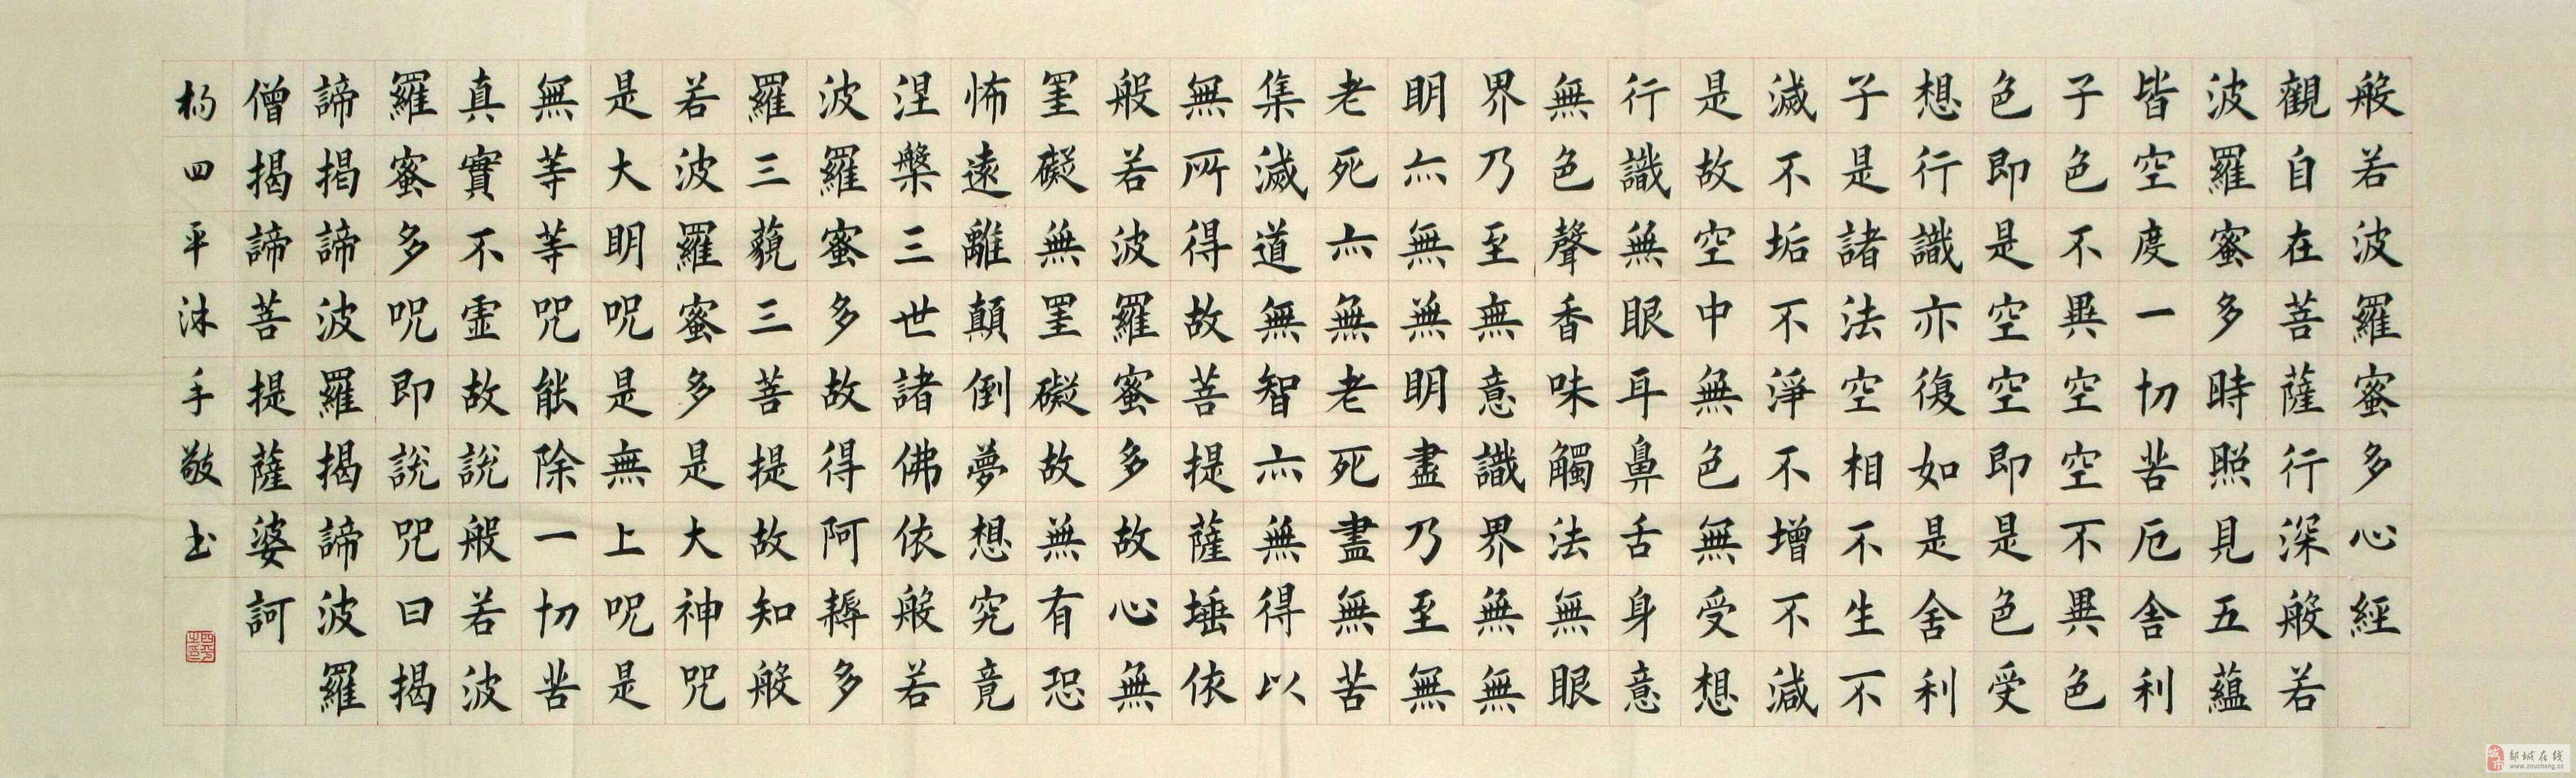 20170926:杨四平先生书法欣赏《1》